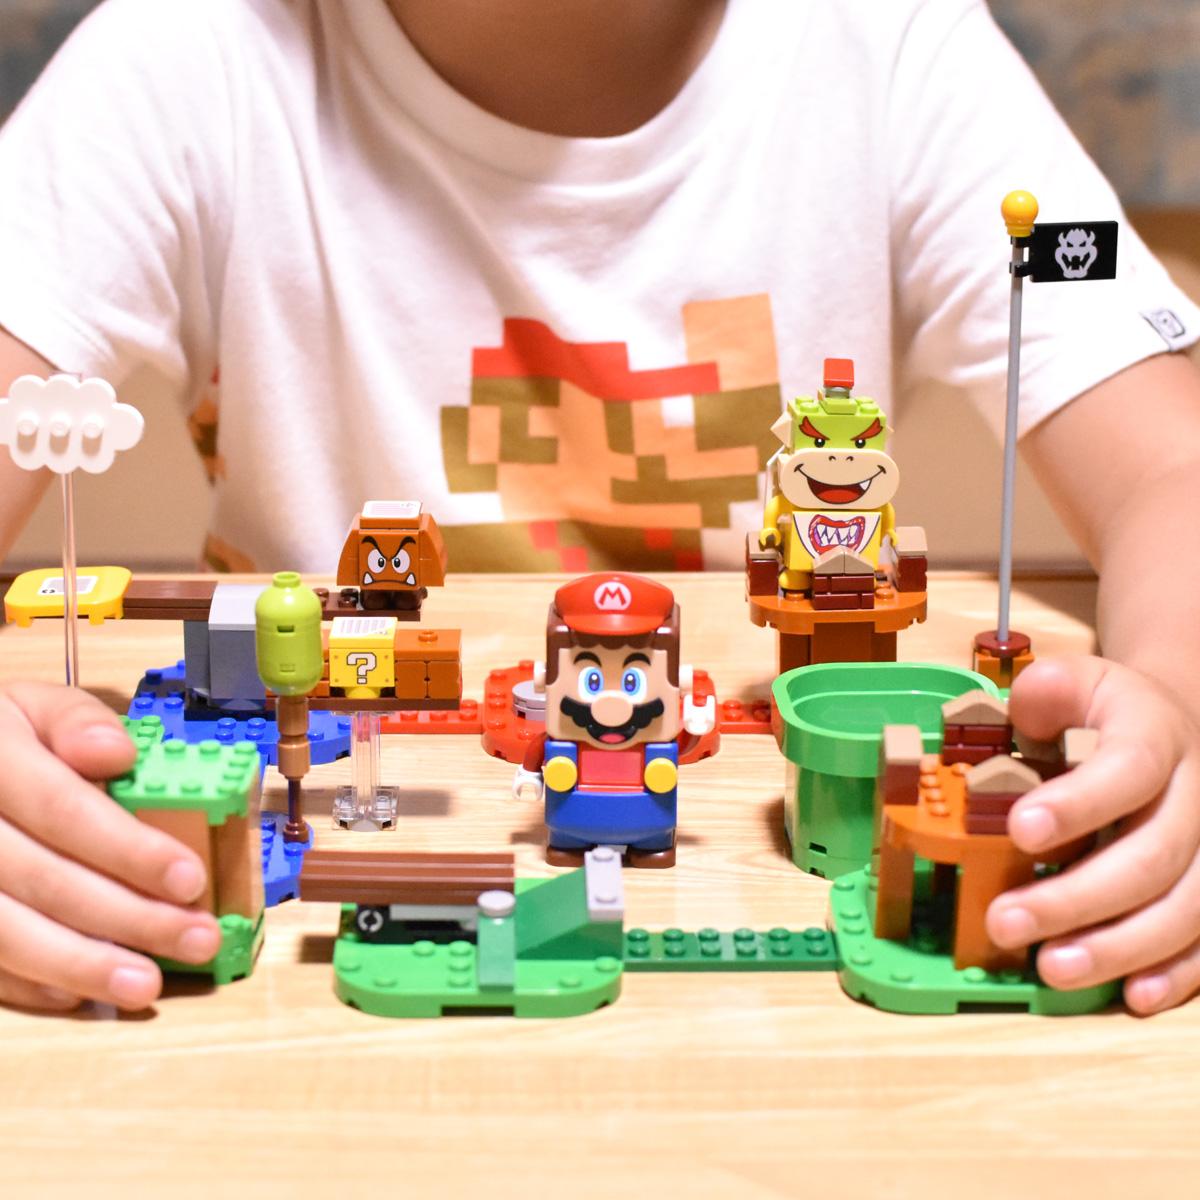 「コースづくりが楽しかった!」小学1年生が「レゴ スーパーマリオ」を全力で遊んでみた